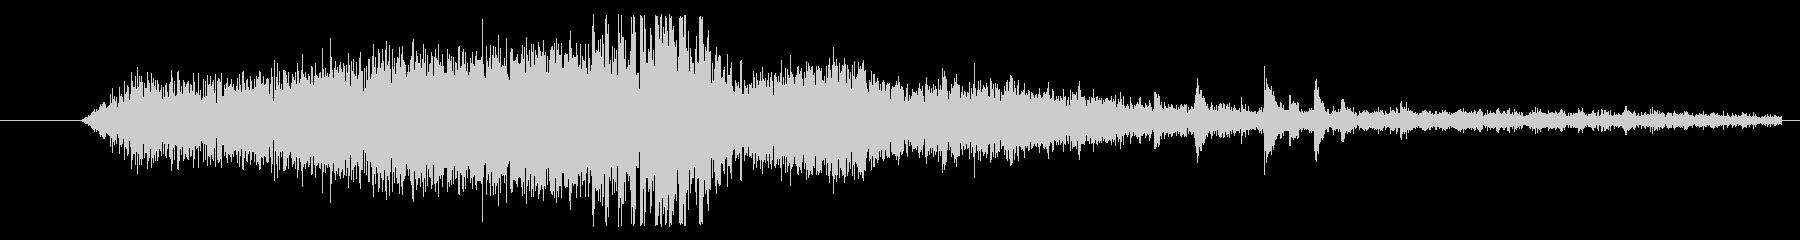 機械 ドリルストーン03の未再生の波形